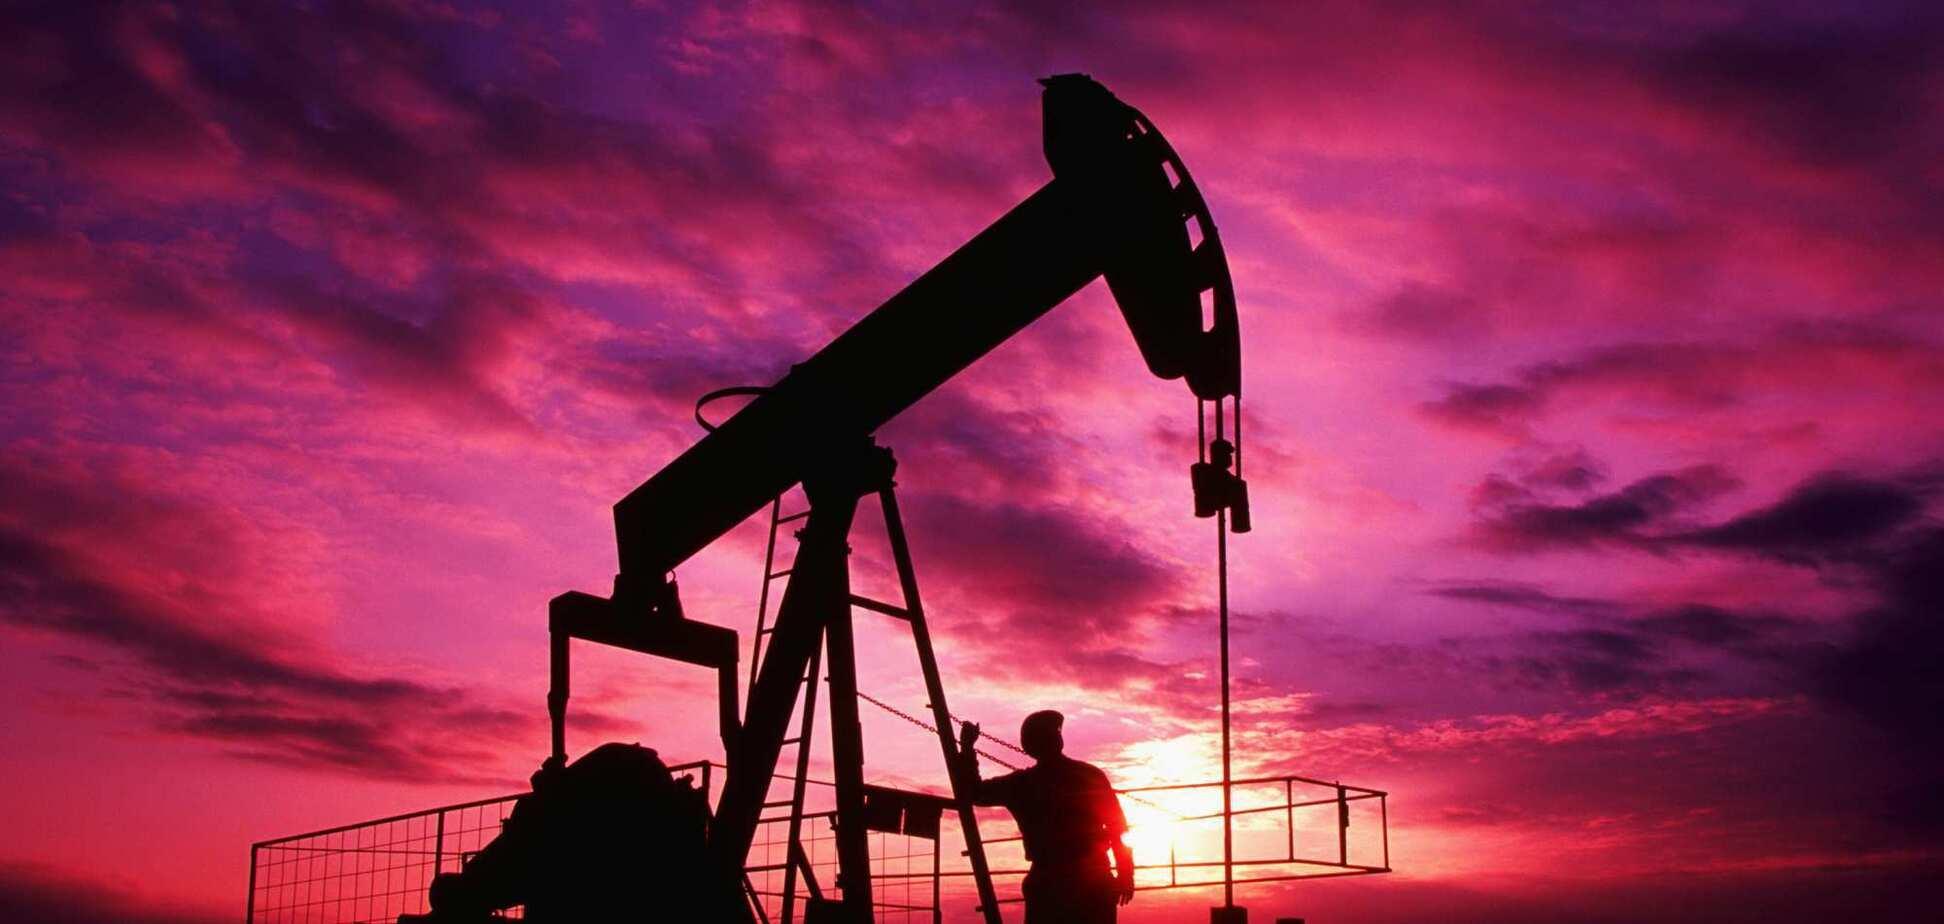 Ціни на нафту виросли через різке падіння запасів в США